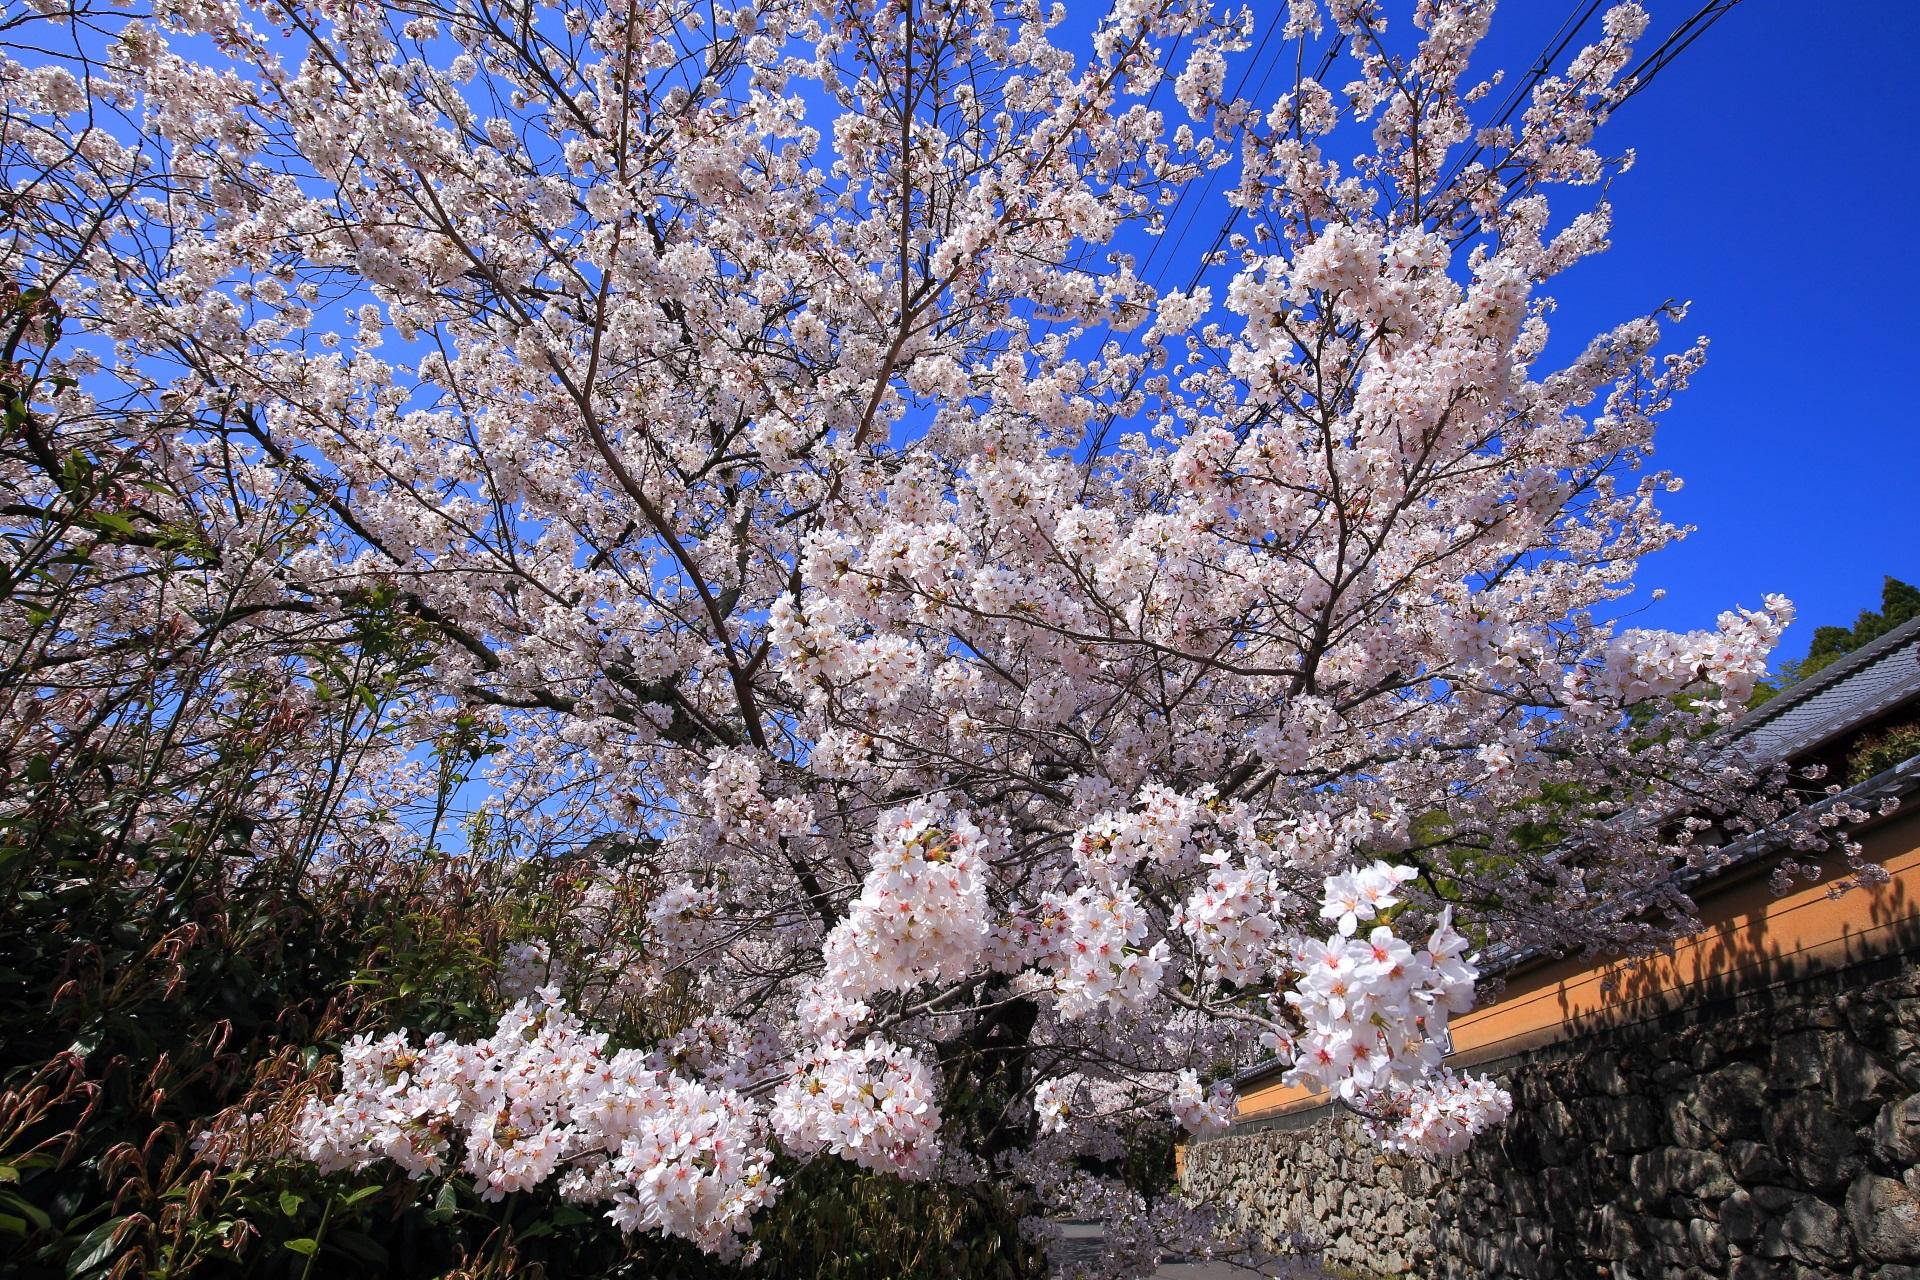 願徳寺の弾けんばかりの煌びやかな桜